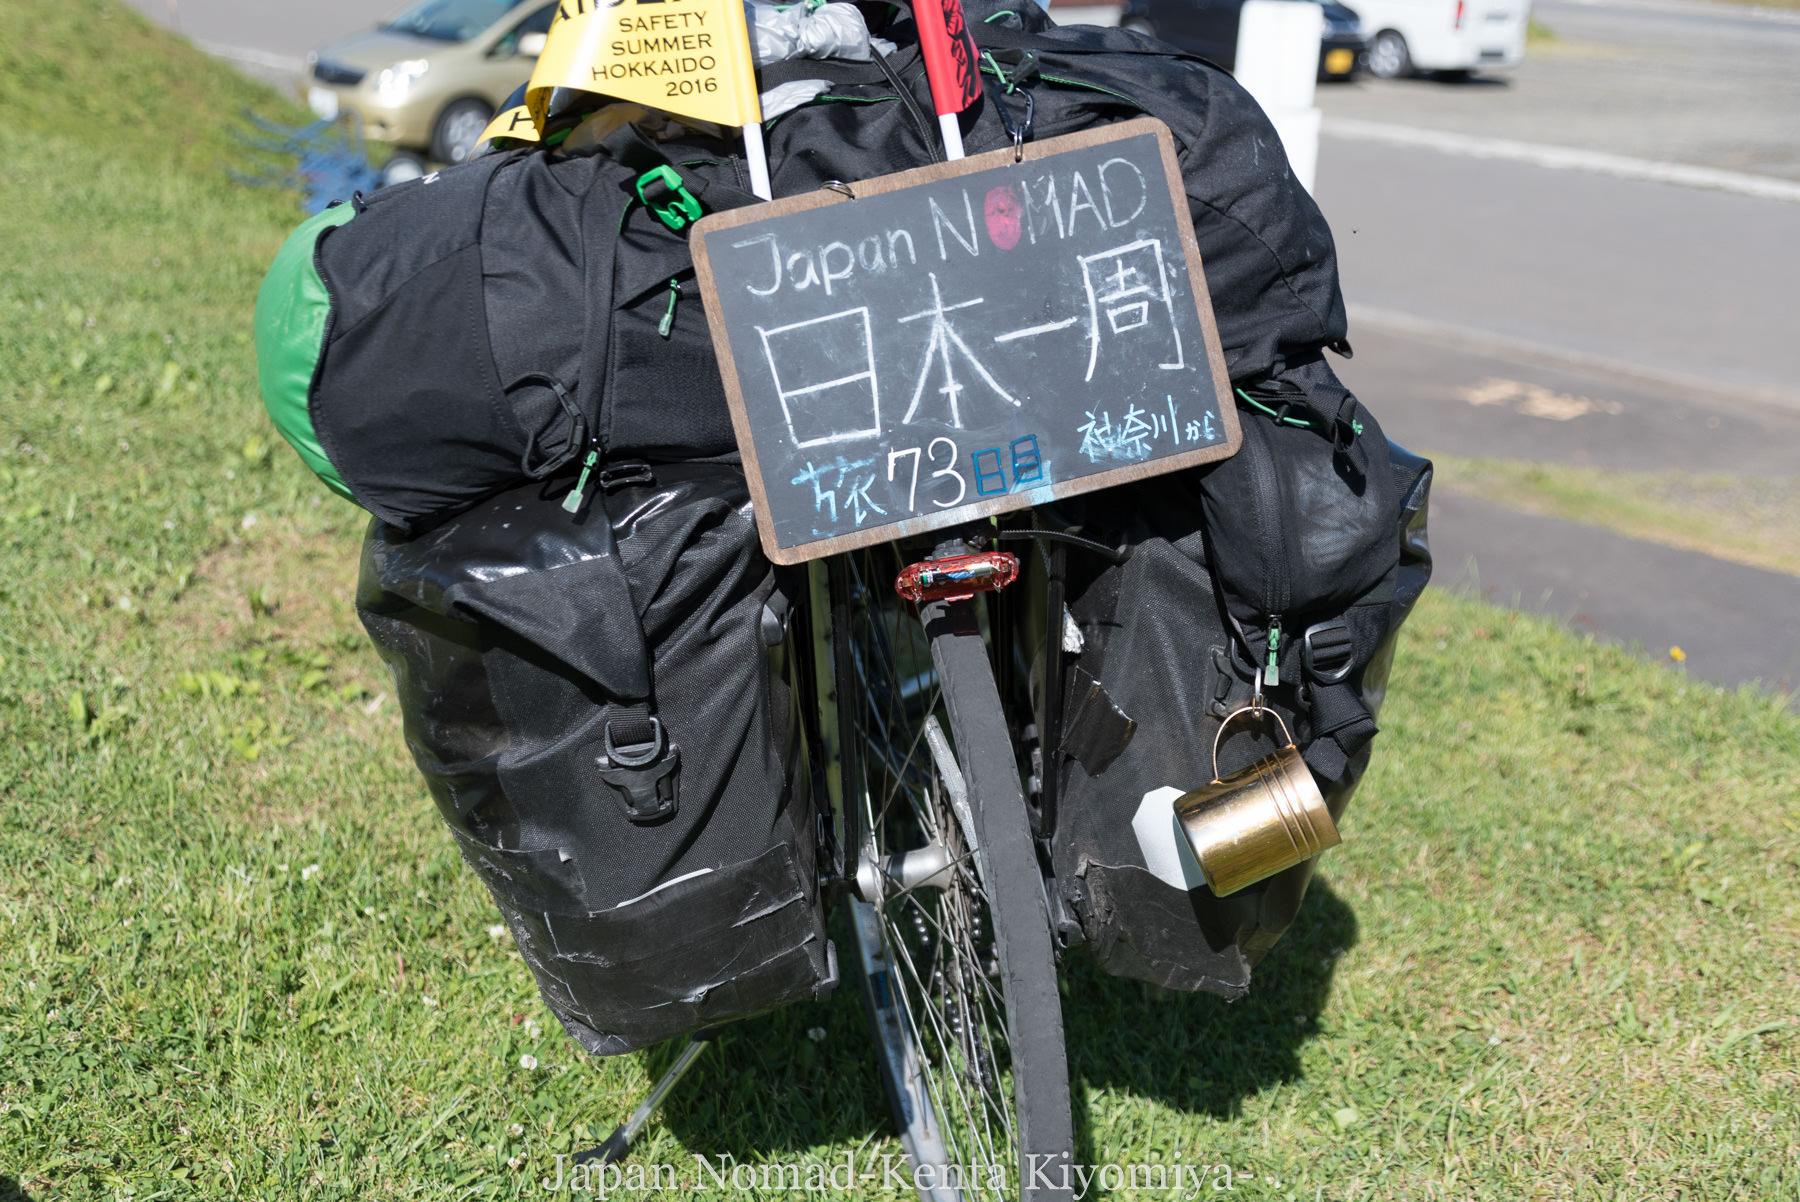 自転車日本一周73日目(美瑛)-Japan Nomad (1)